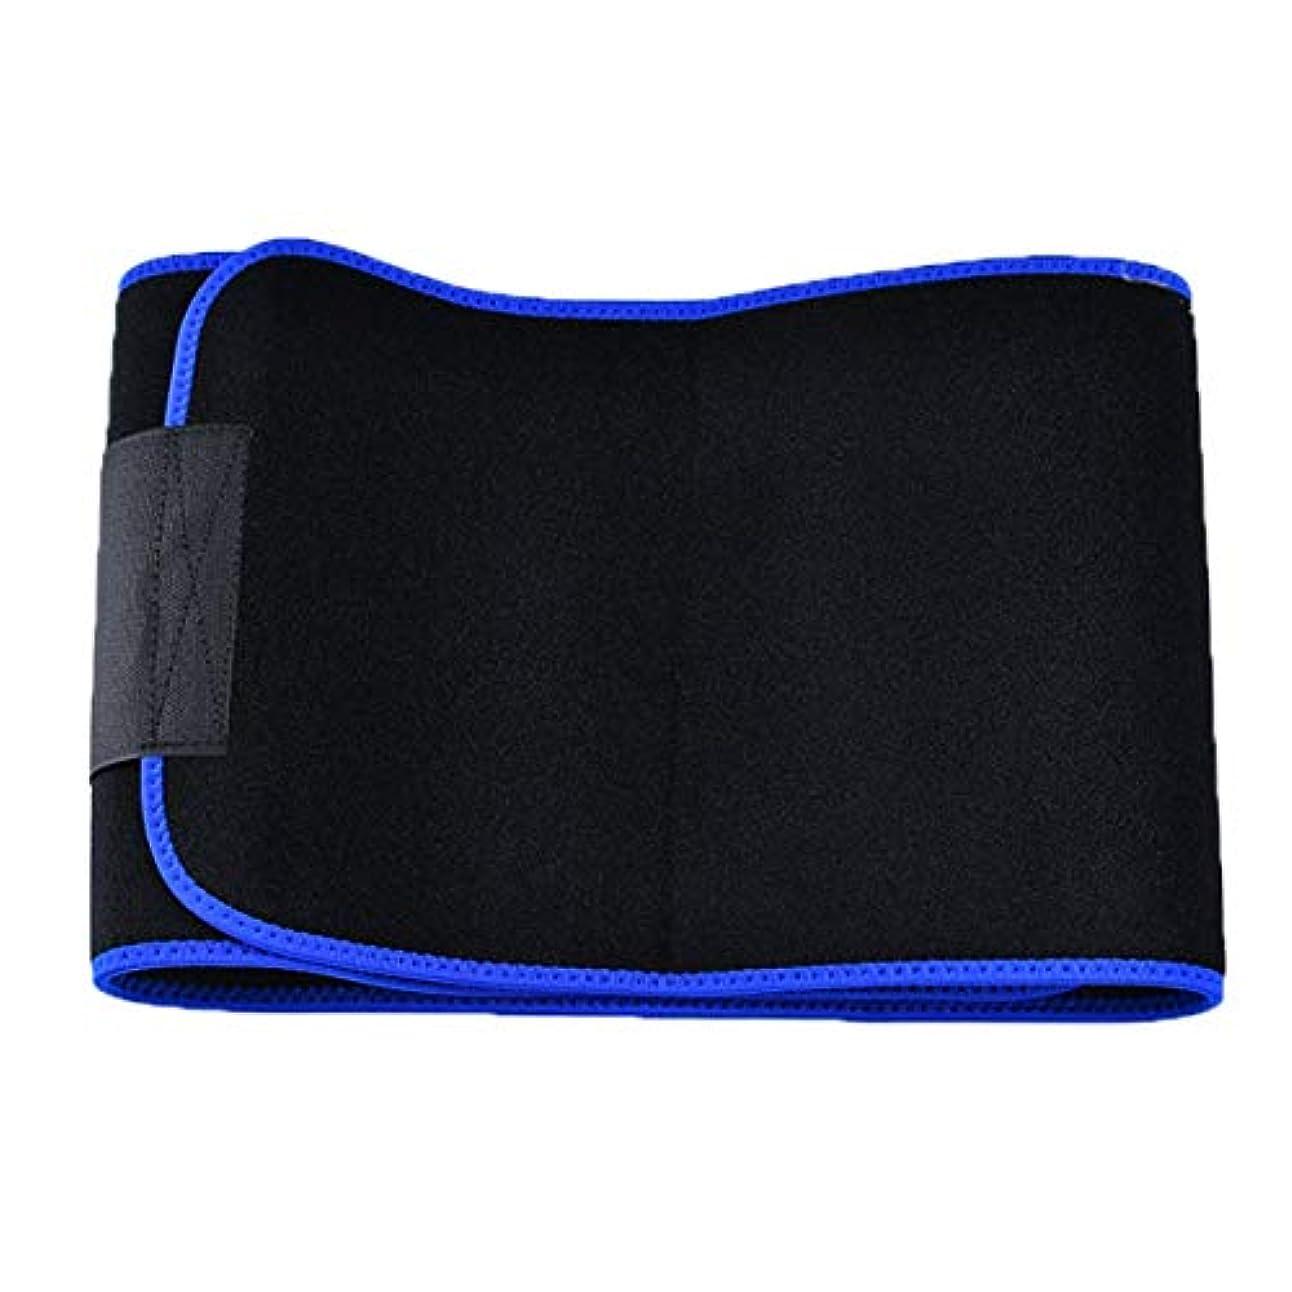 限定把握ドリンク腹部プラスチックベルトウエストサポートボディシェイパートレーニングコルセット痩身ウエストベルトスリム汗スポーツ保護具